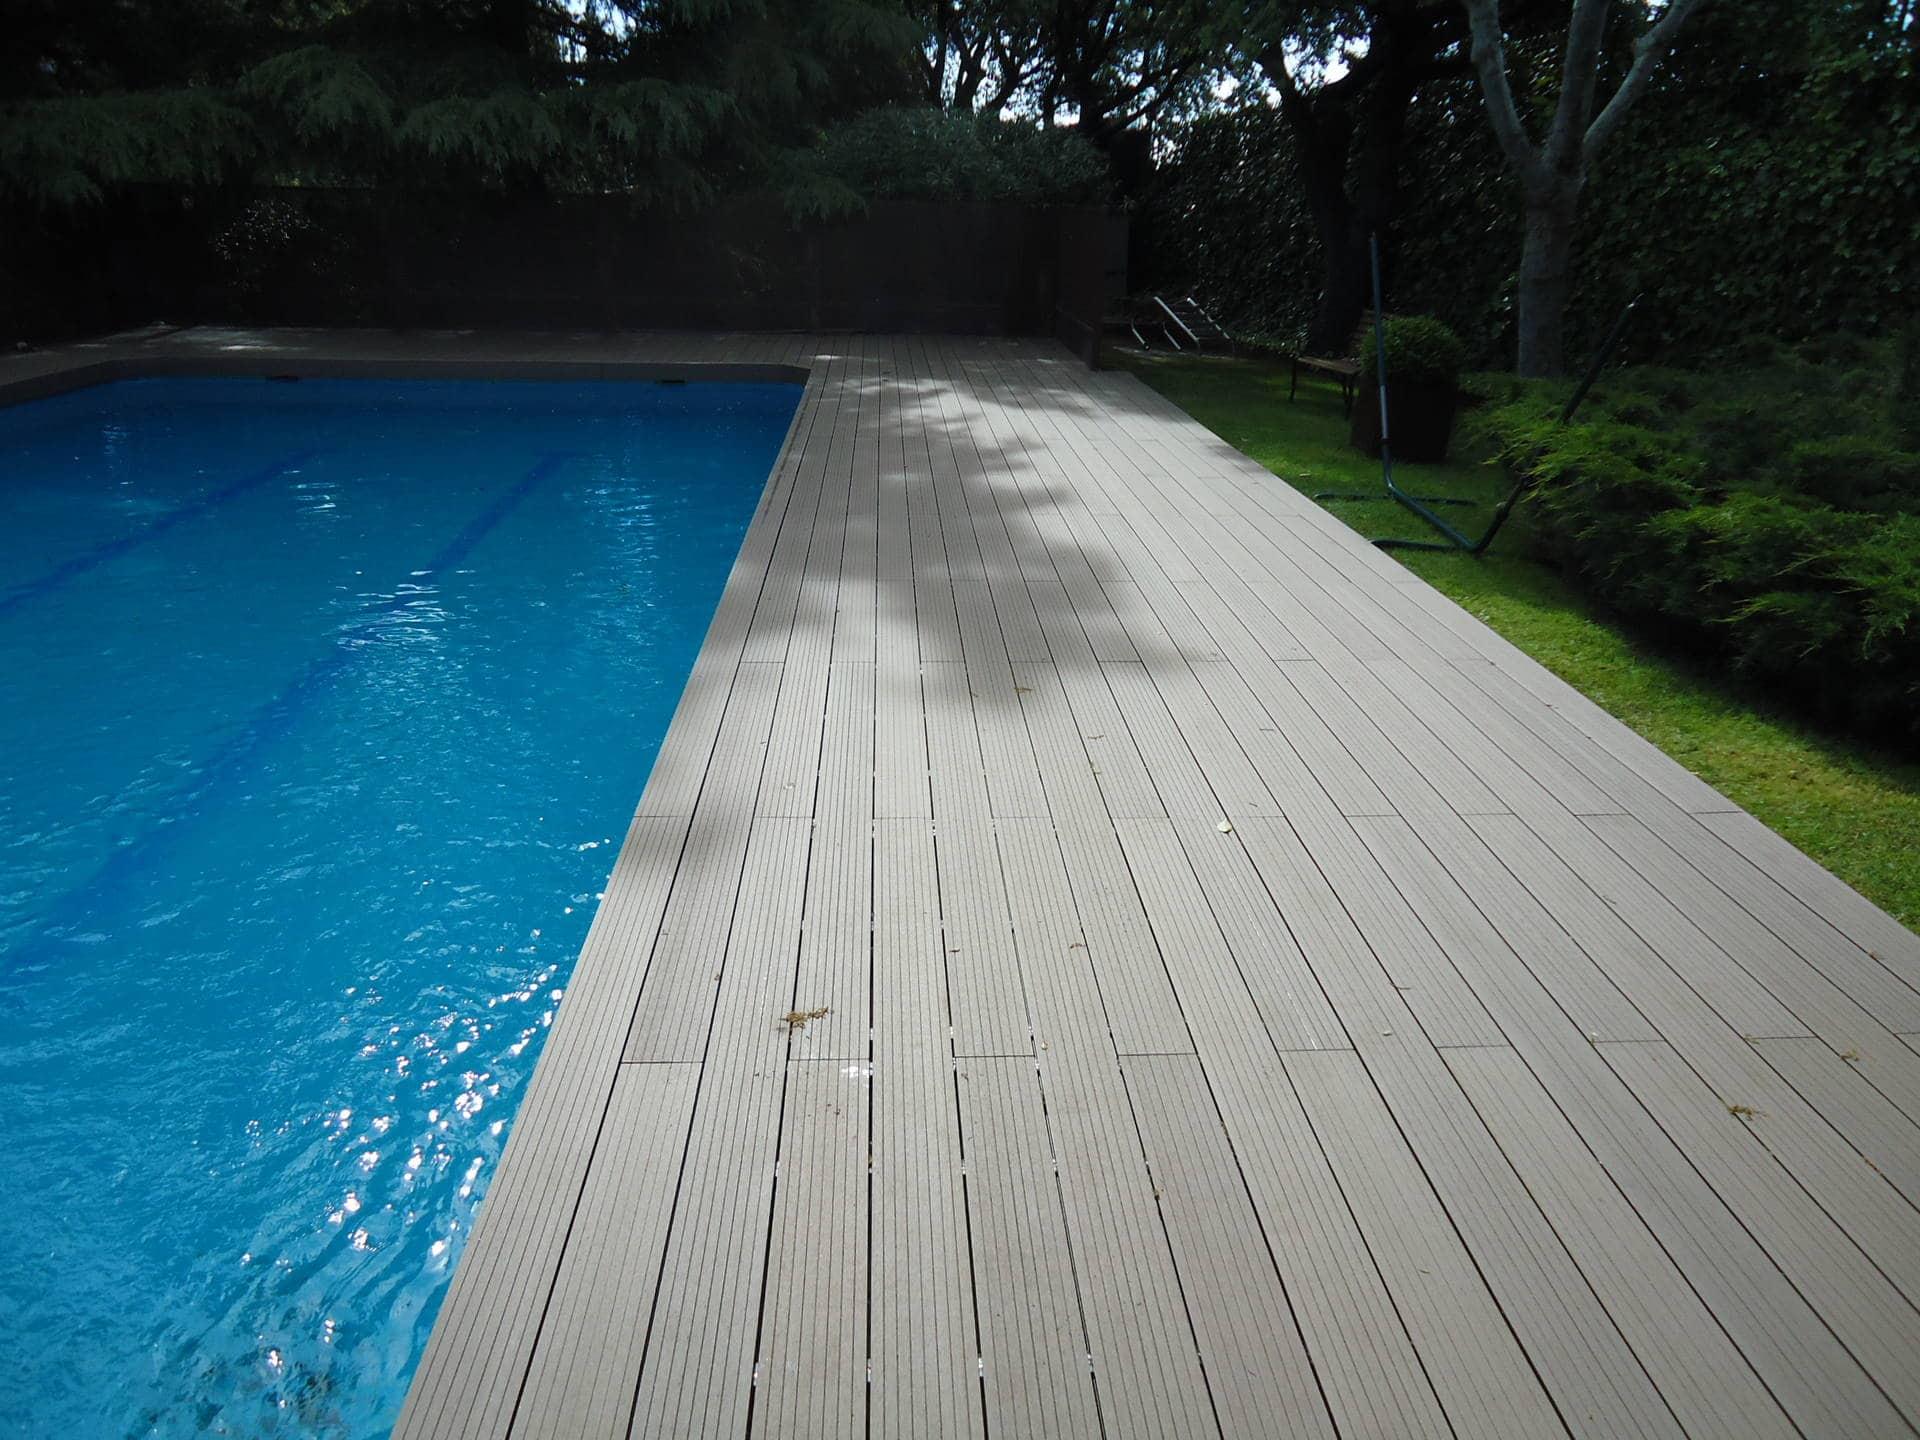 Tarimas y baldosas para exterior en madera sint tica for Piscina composite